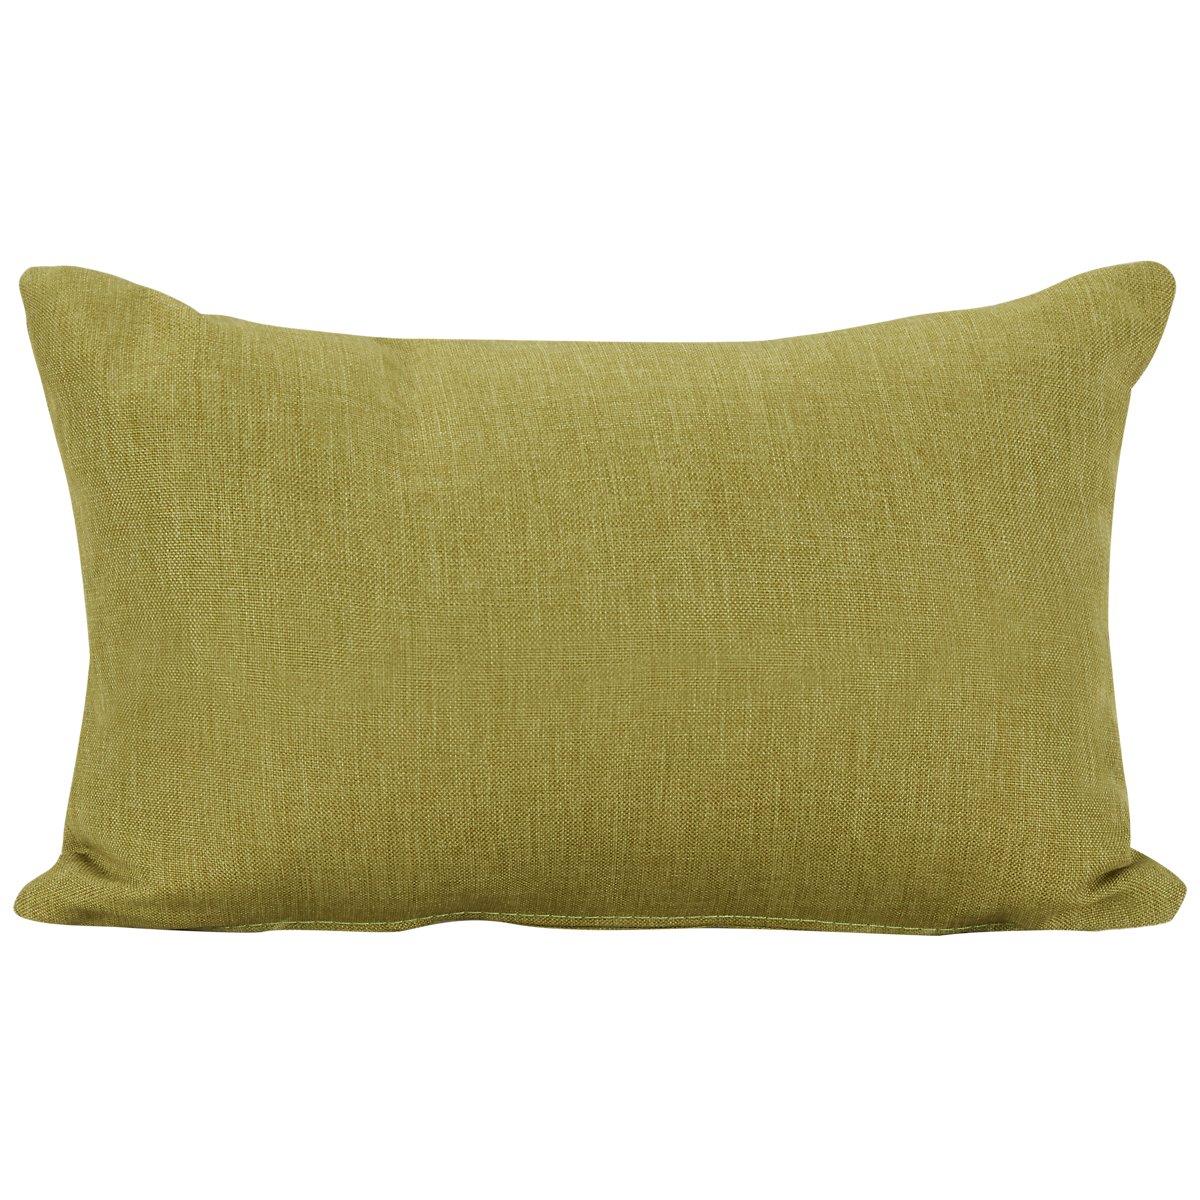 Callie Green Fabric Rectangular Accent Pillow